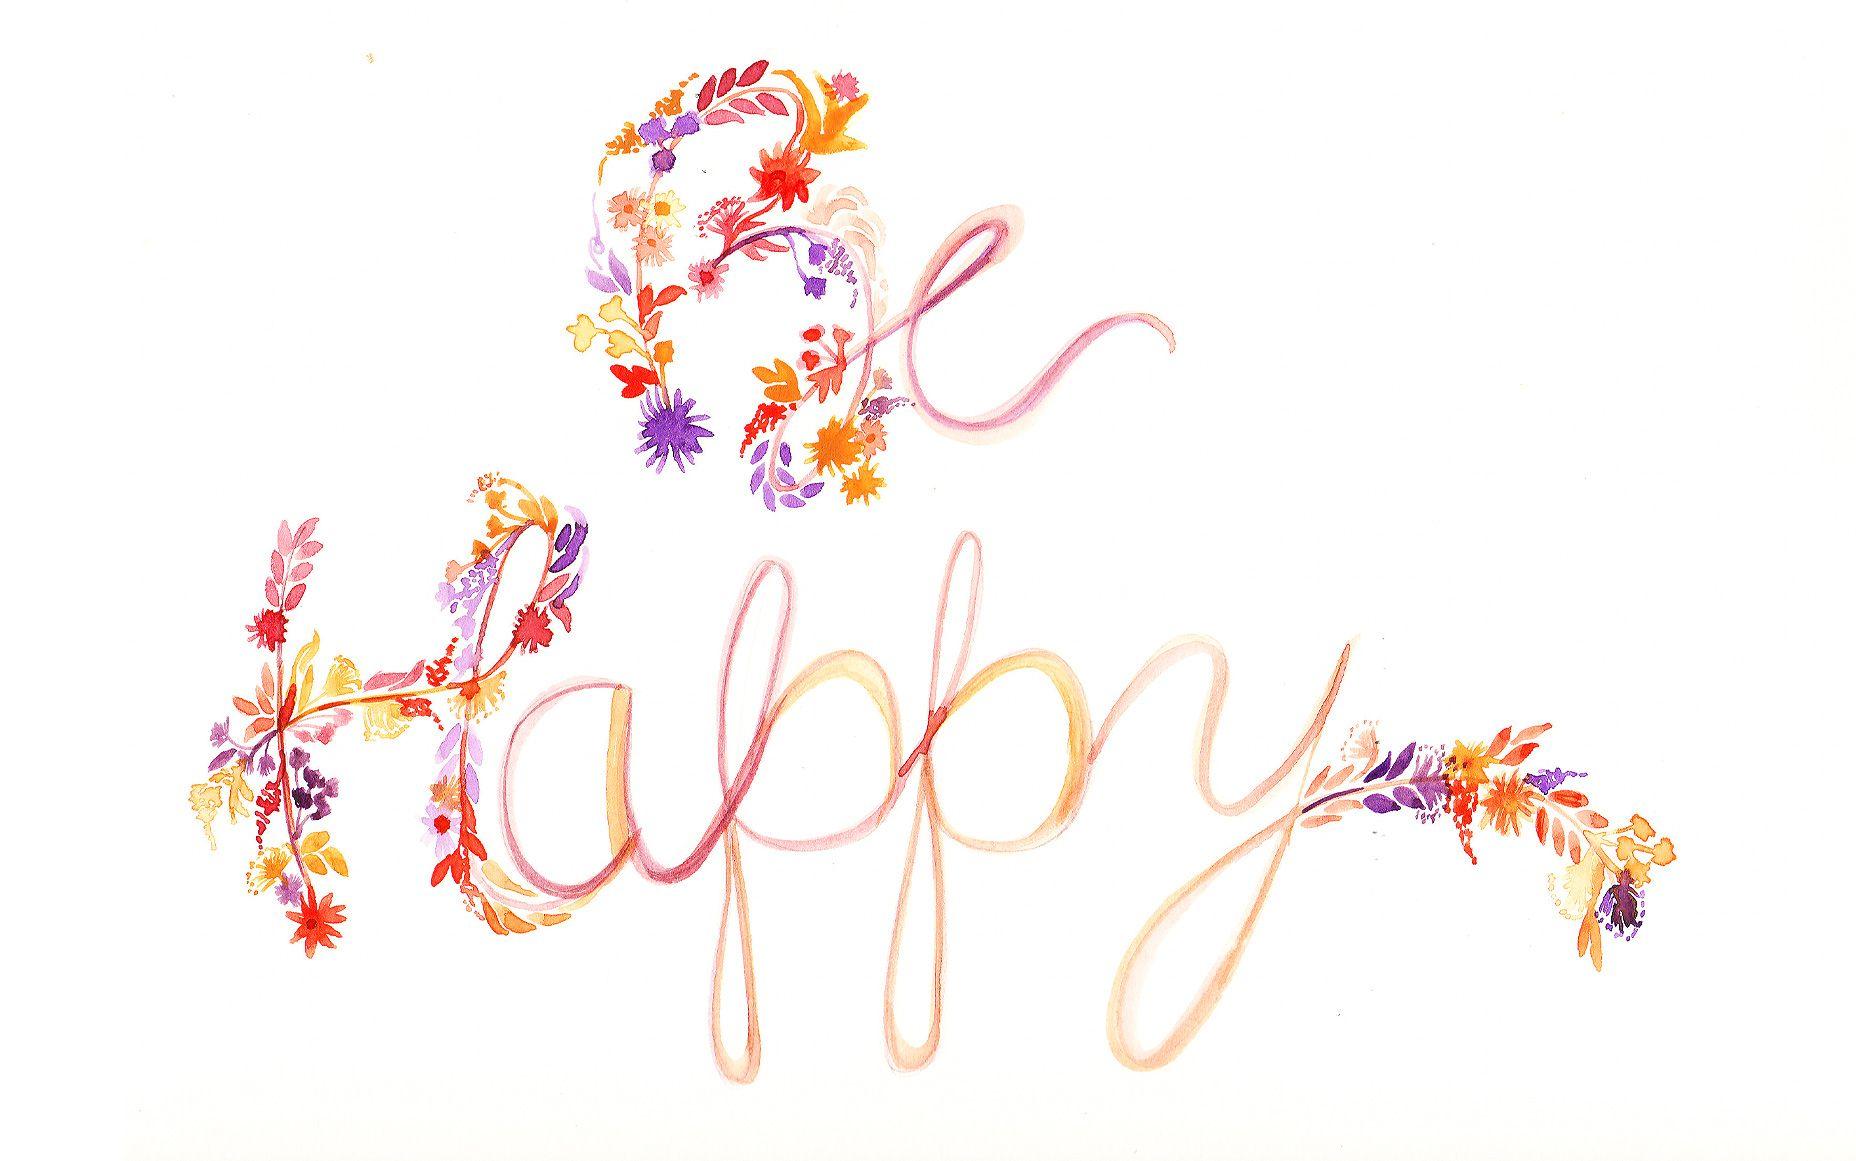 Lilac Lavender Floral Be Happy Desktop Wallpaper Background